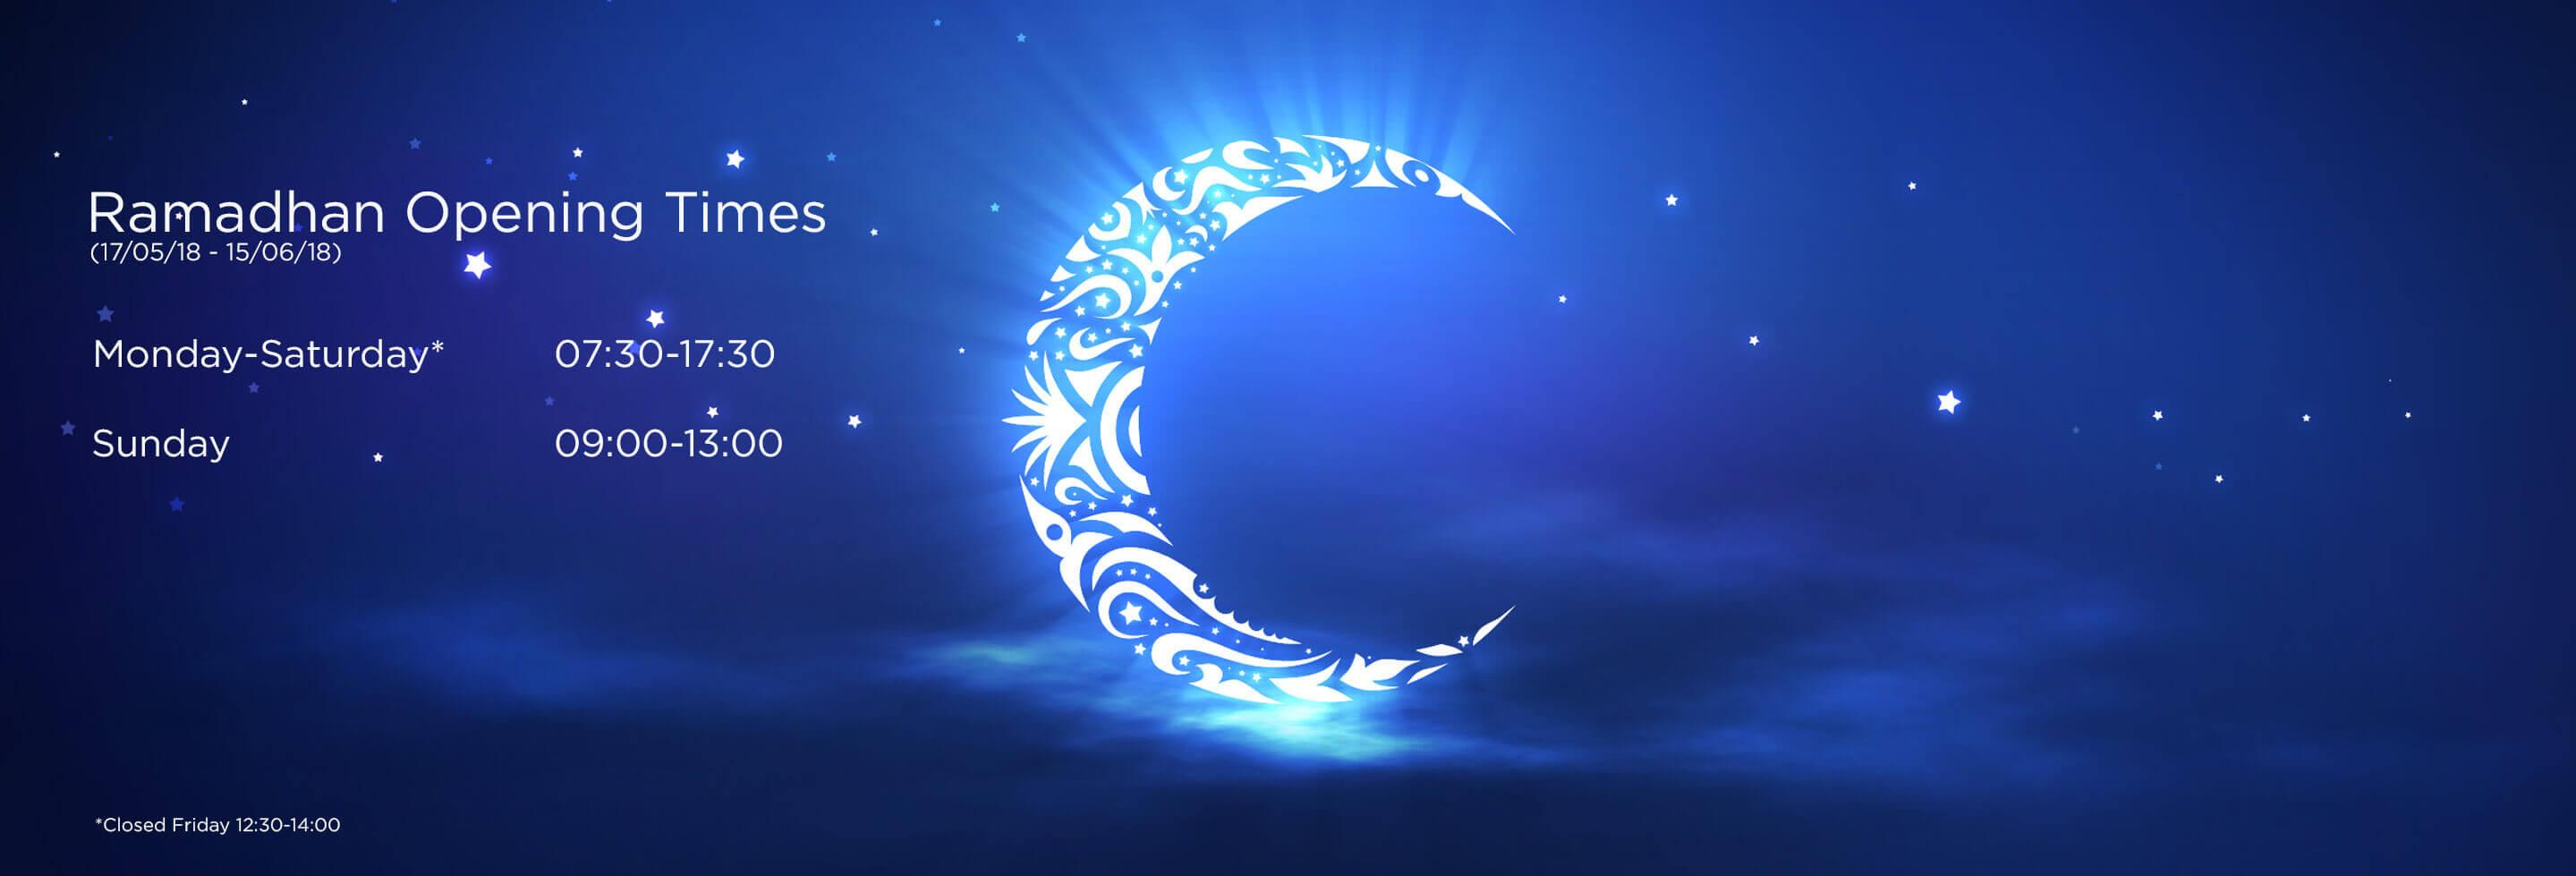 Ramadhan Opening Times